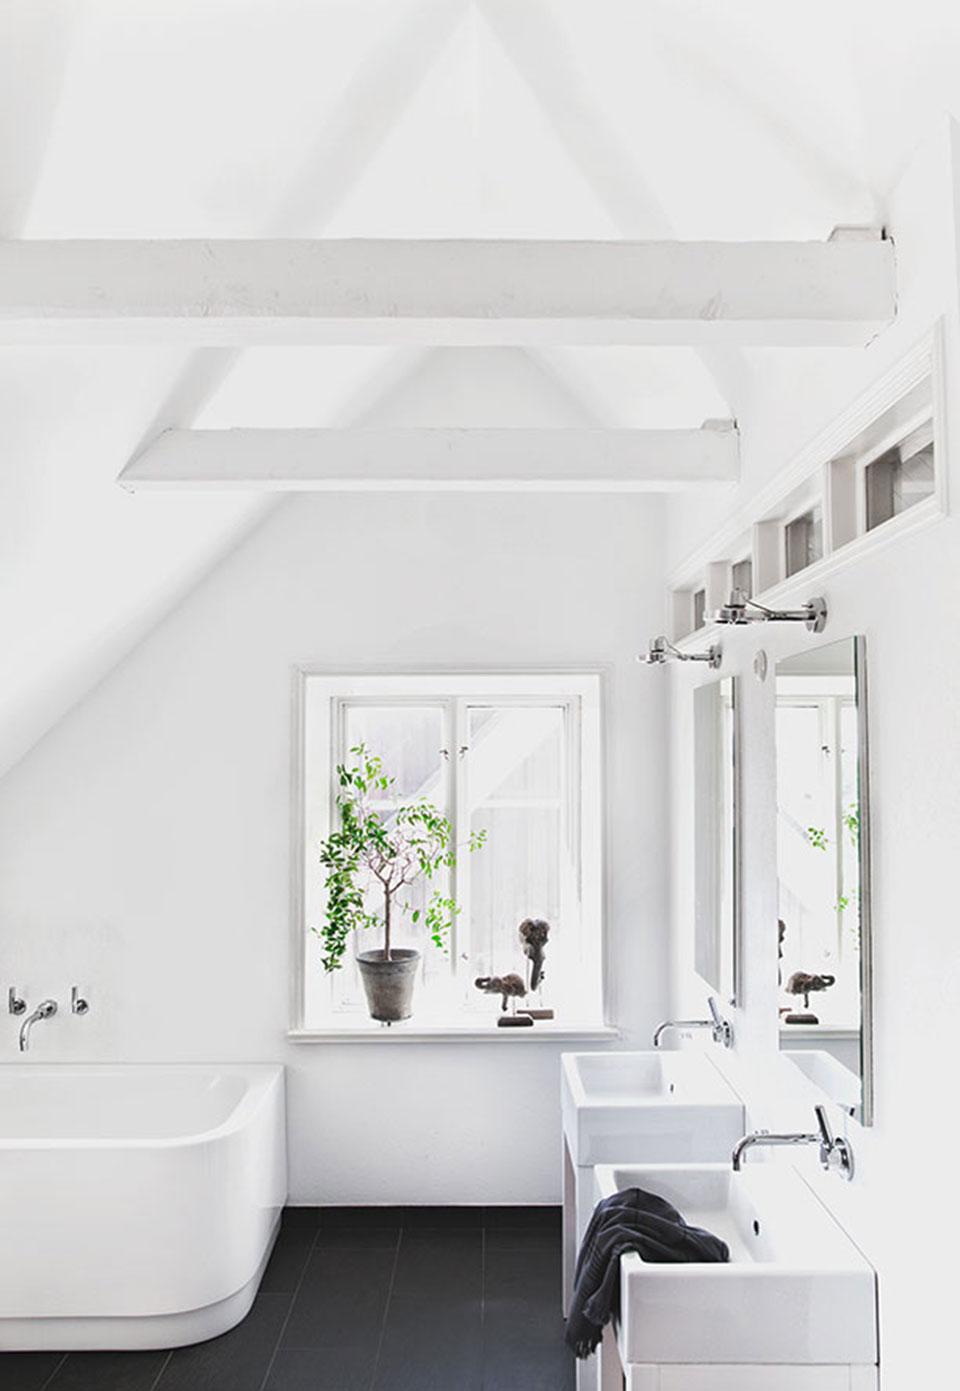 paredes brancas-moveis-aconchego-industrial-luminárias- tapetes-decoração11